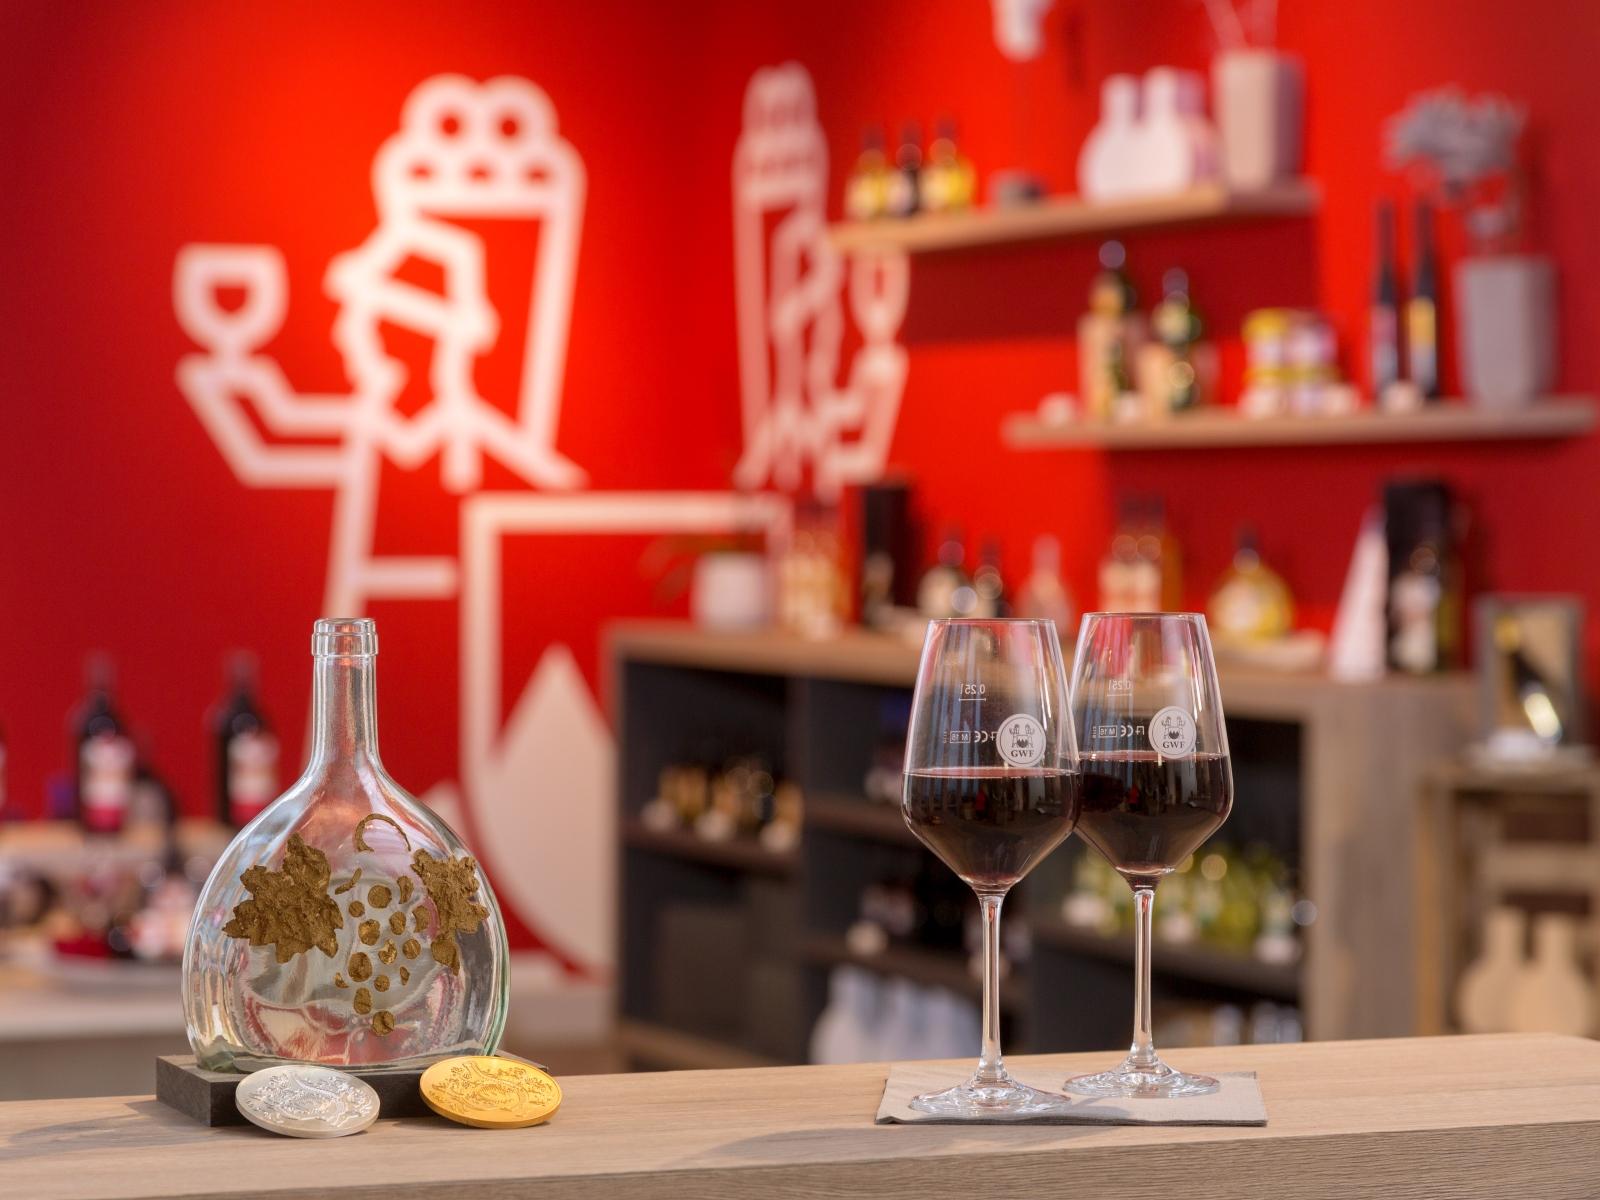 Ein Arrangement von eingeschenkten Weingläsern mit der GWF Mainschleifen Vinothek im Hintergrund.